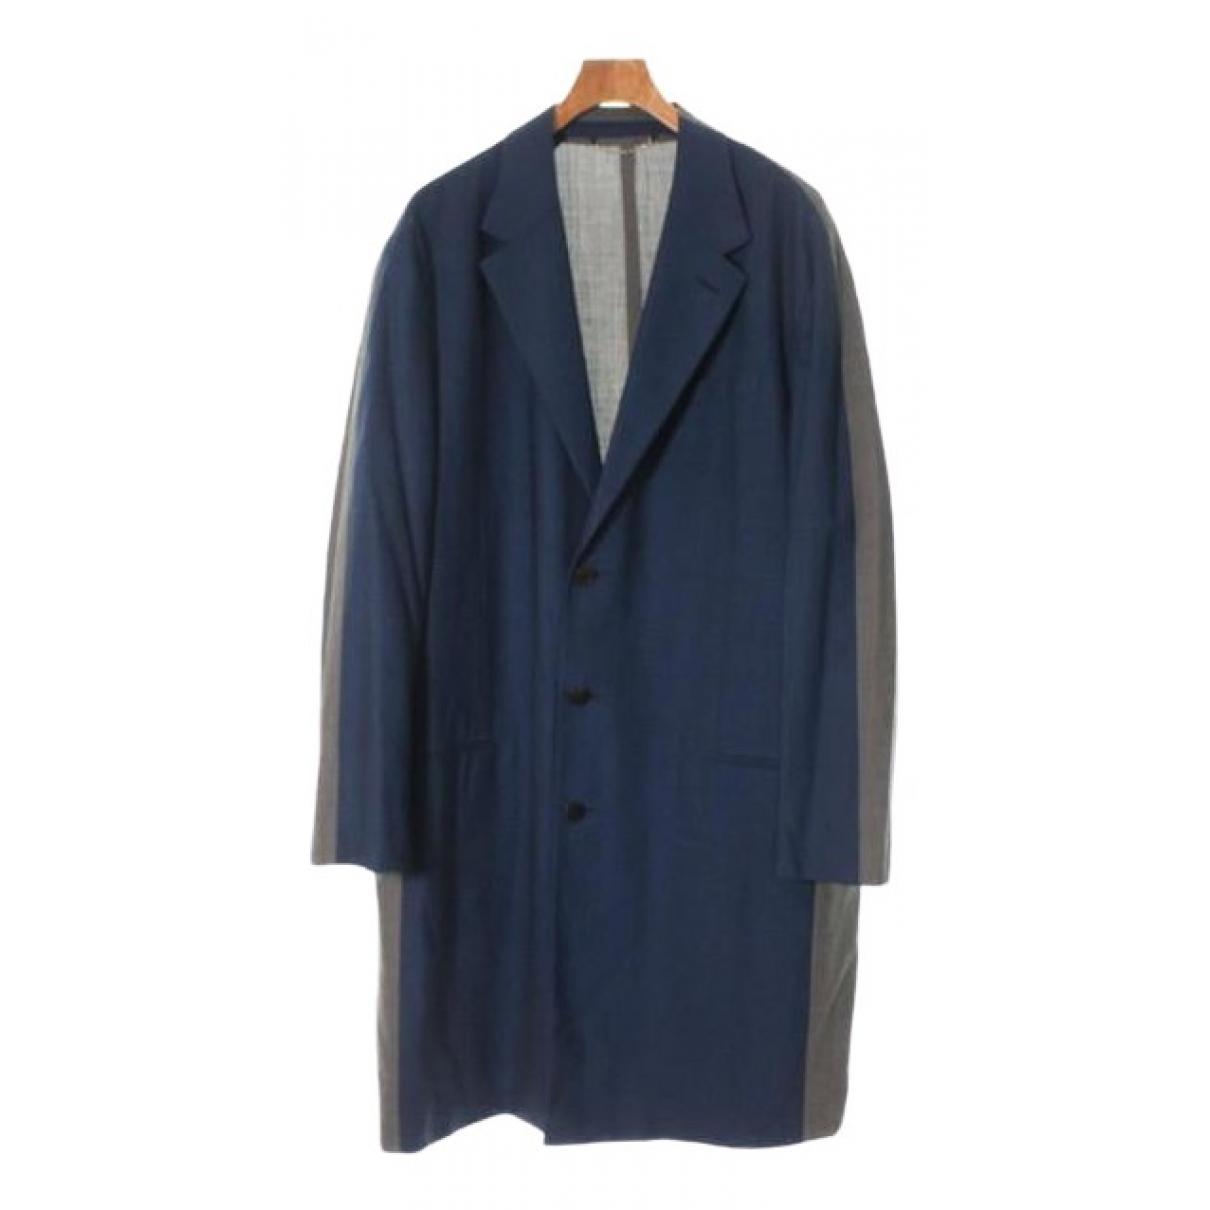 Louis Vuitton - Manteau   pour homme en laine - gris